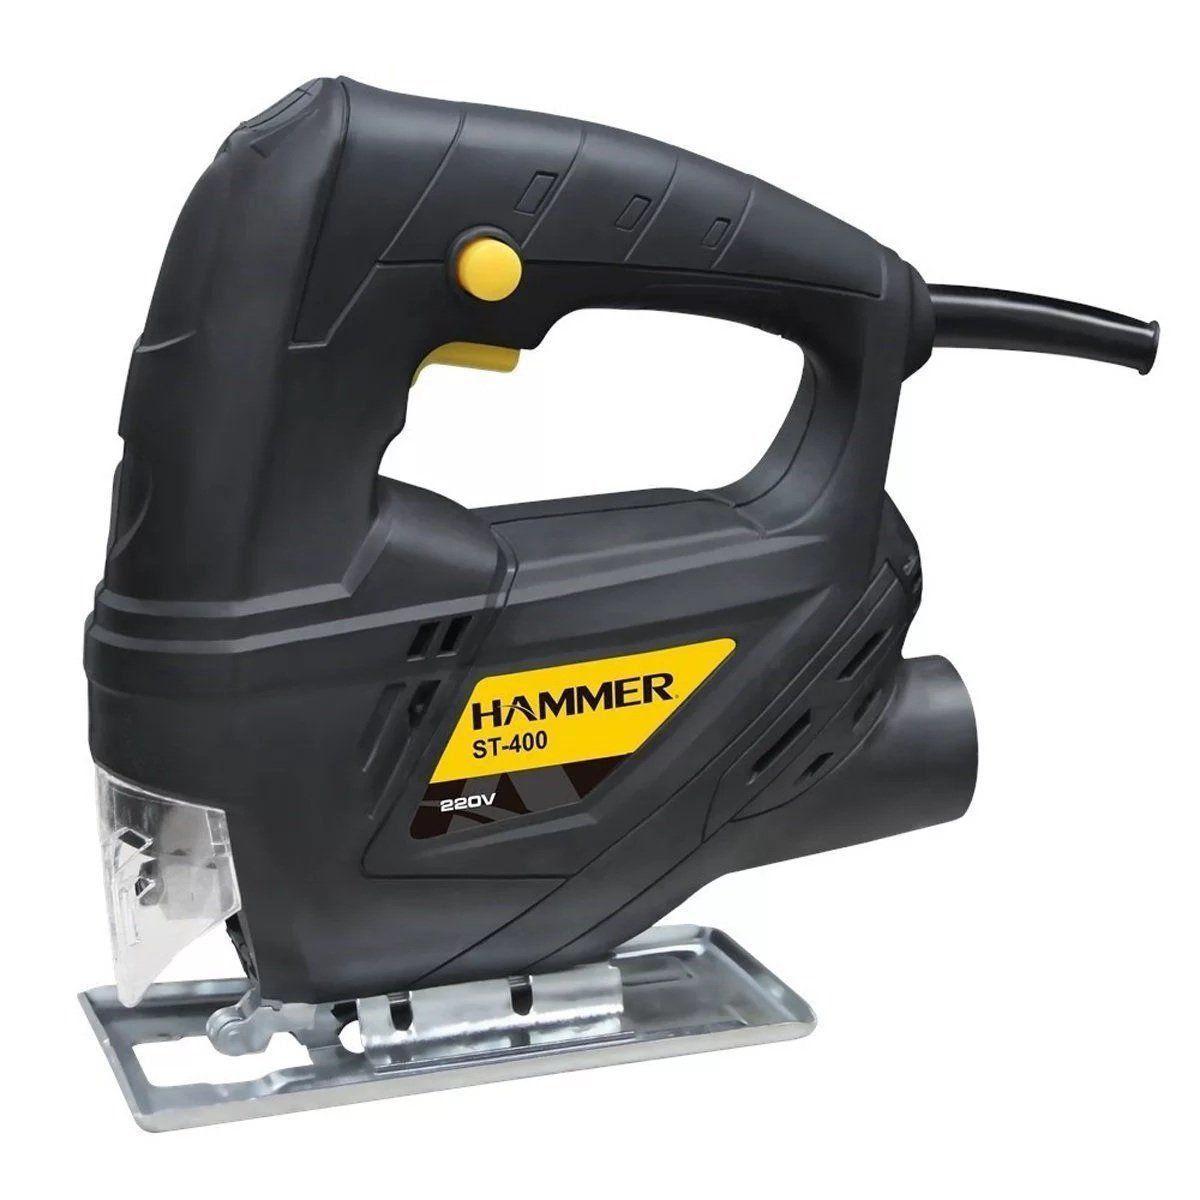 Serra Tico Tico 400w Madeira Alumínio Aço Hammer St400   220-v  - EMPORIO K